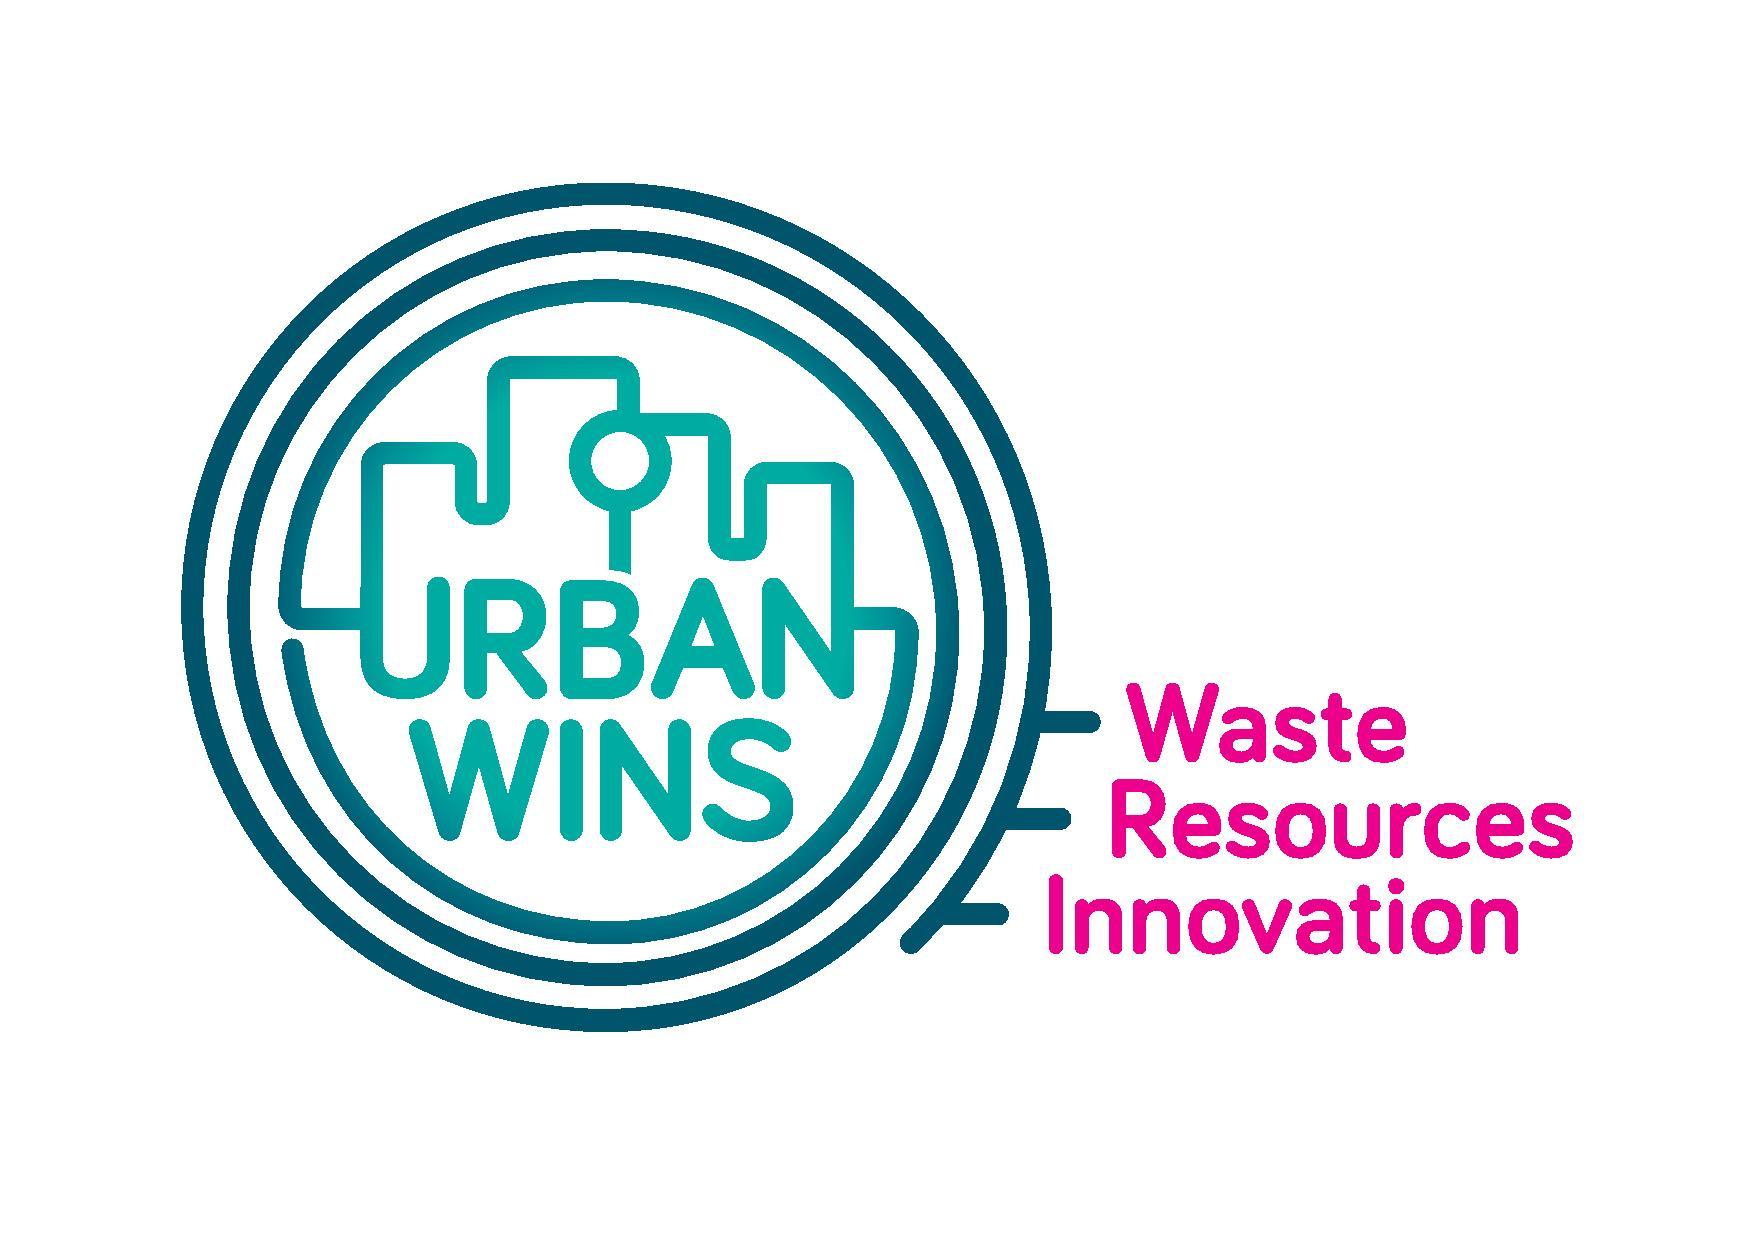 UrbanWINS, risultati e opportunità nella gestione sostenibile delle città